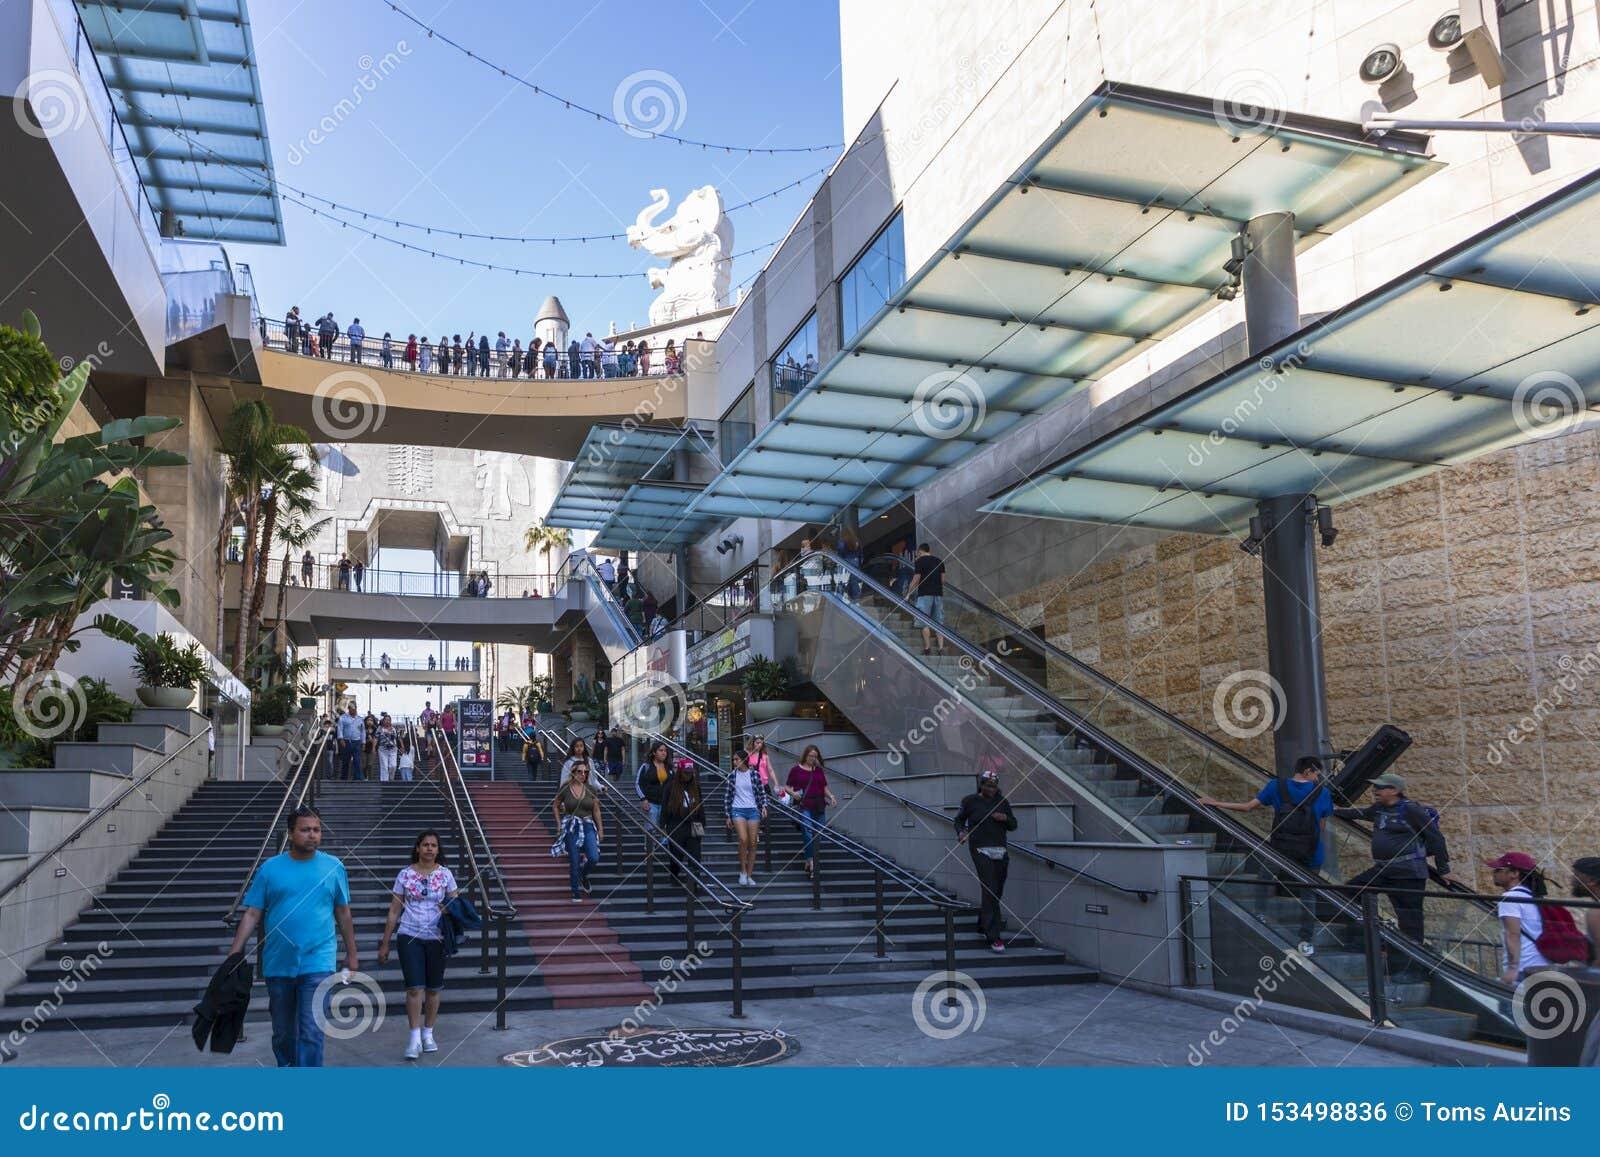 好莱坞&高地购物中心,好莱坞大道,好莱坞,洛杉矶,加利福尼亚,美国